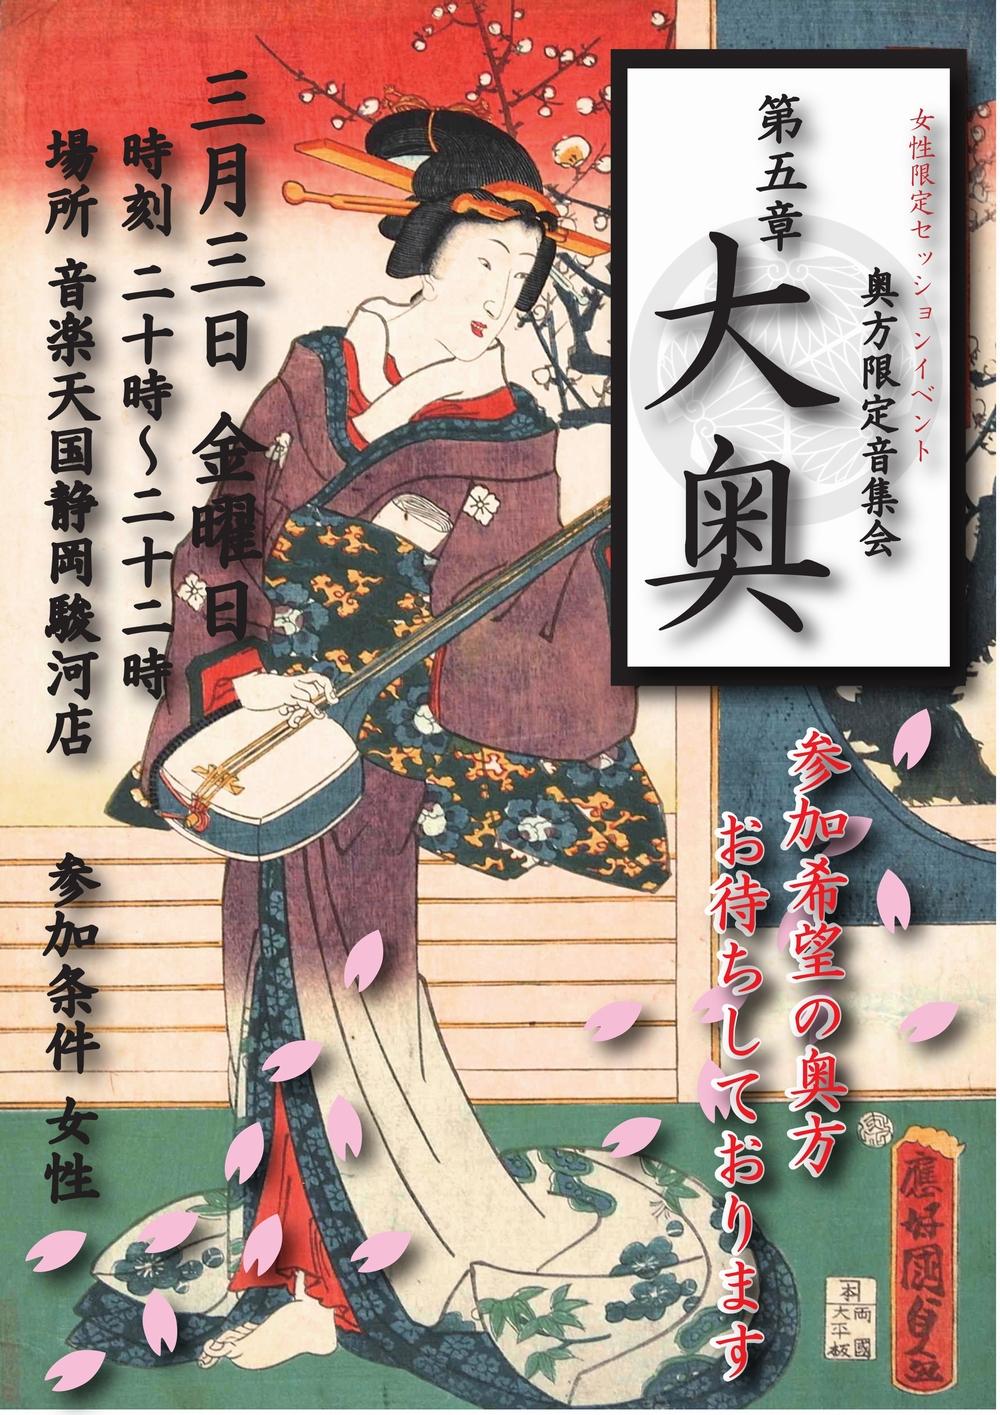 【女性限定・セッション天国】「大奥」音楽天国・静岡駿河店3月3日(金)開催